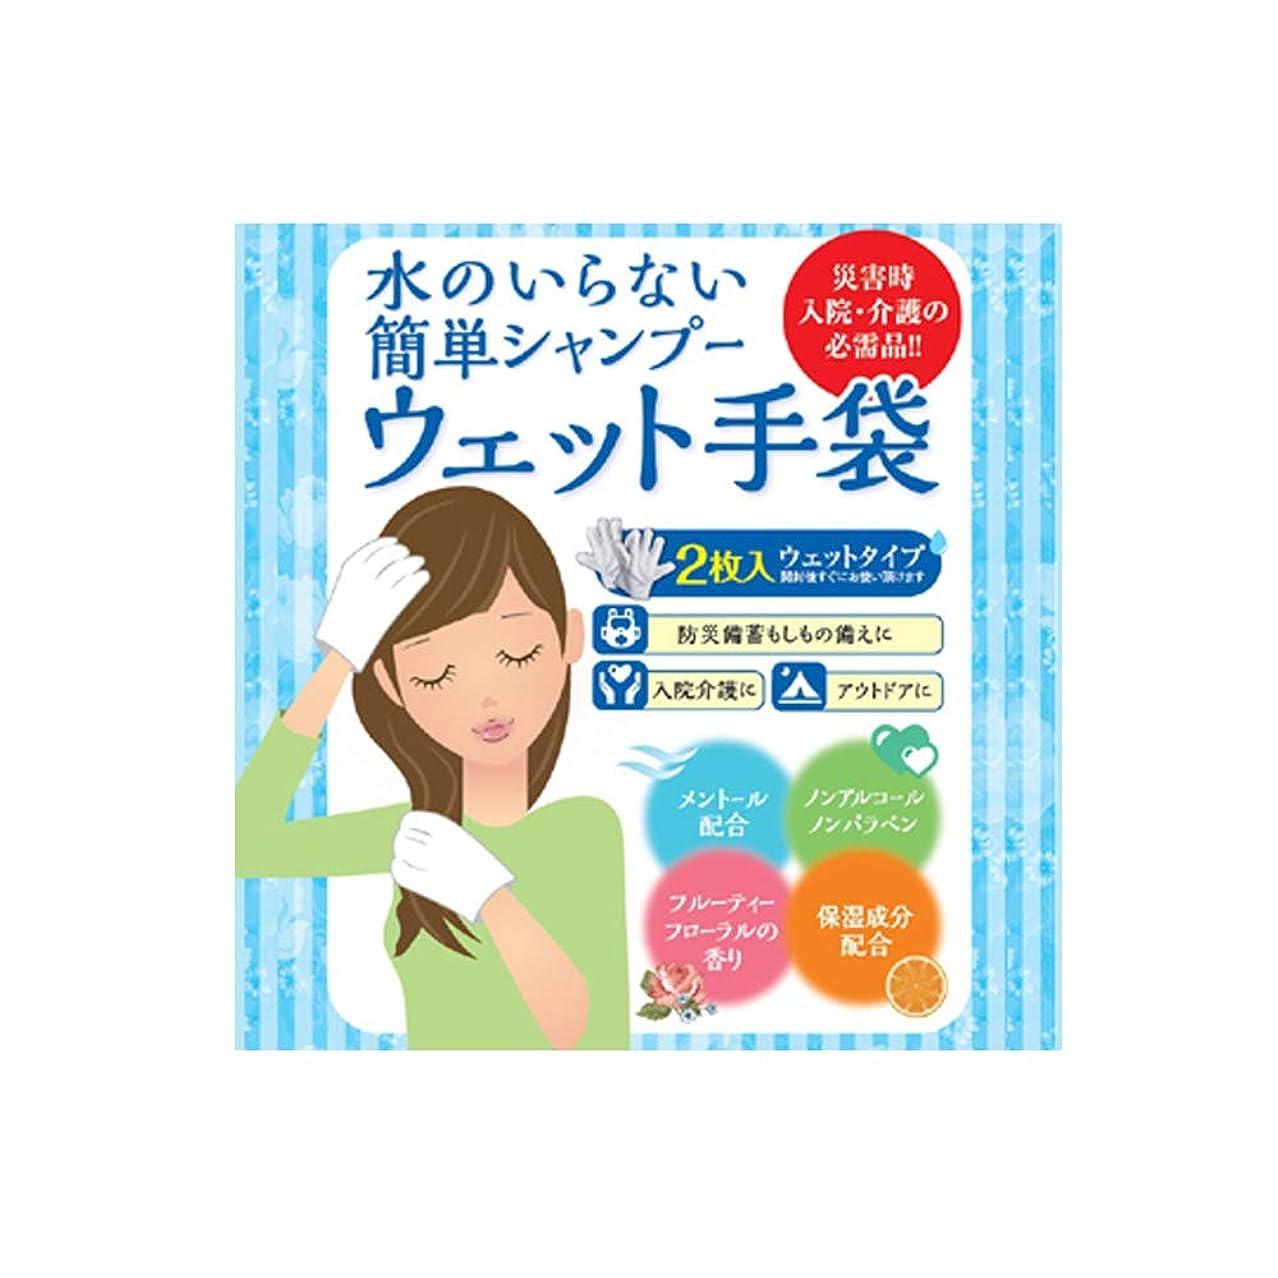 スプーン盲目スーパーマーケット水のいらない泡なしシャンプー ウェット手袋(2枚入)